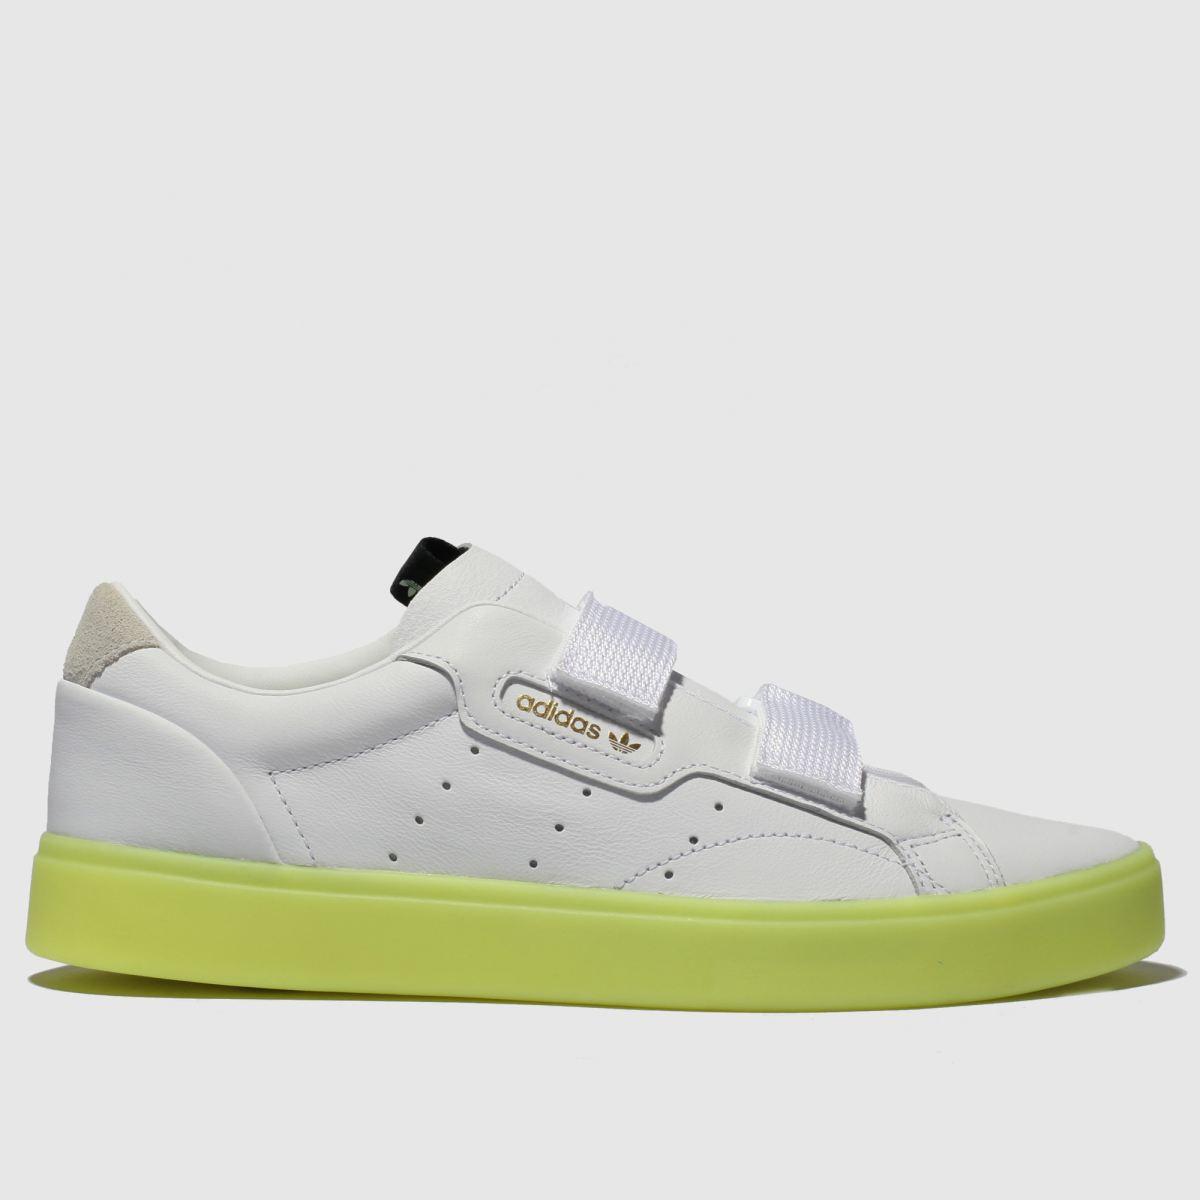 Adidas White & Yellow Sleek S Trainers